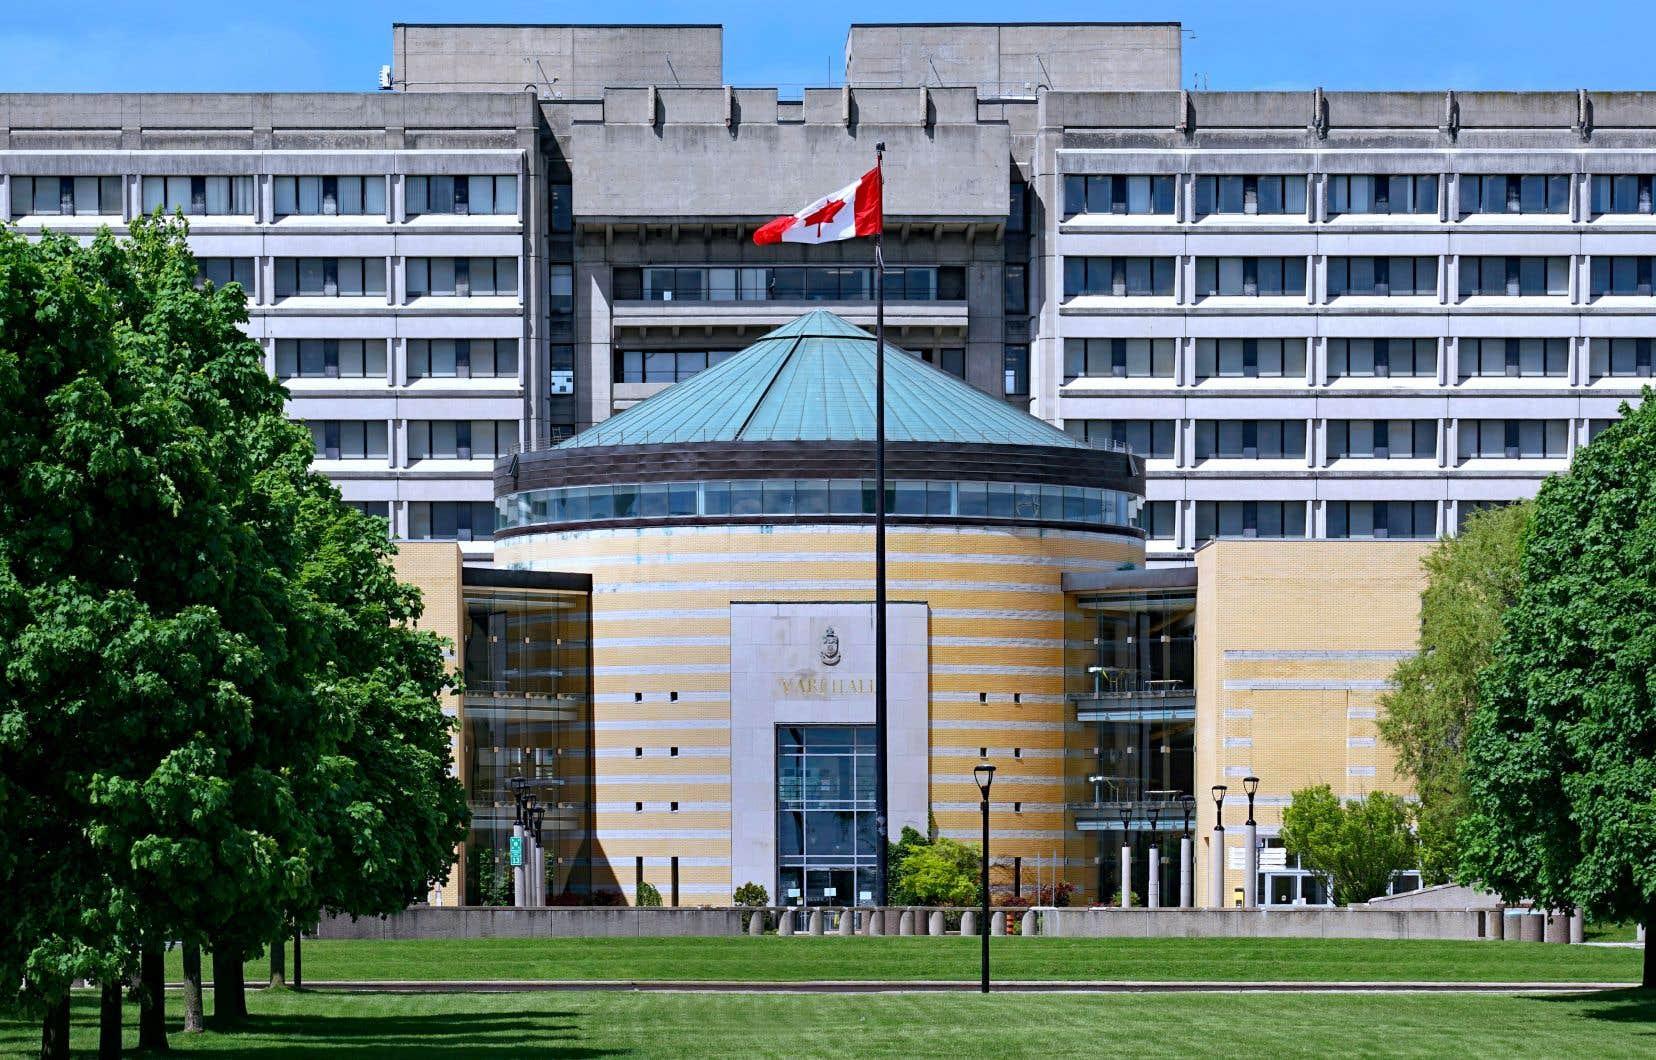 L'unique programme au Canada qui admet depuis 2017 des étudiants sans statut est à l'Université York en Ontario.